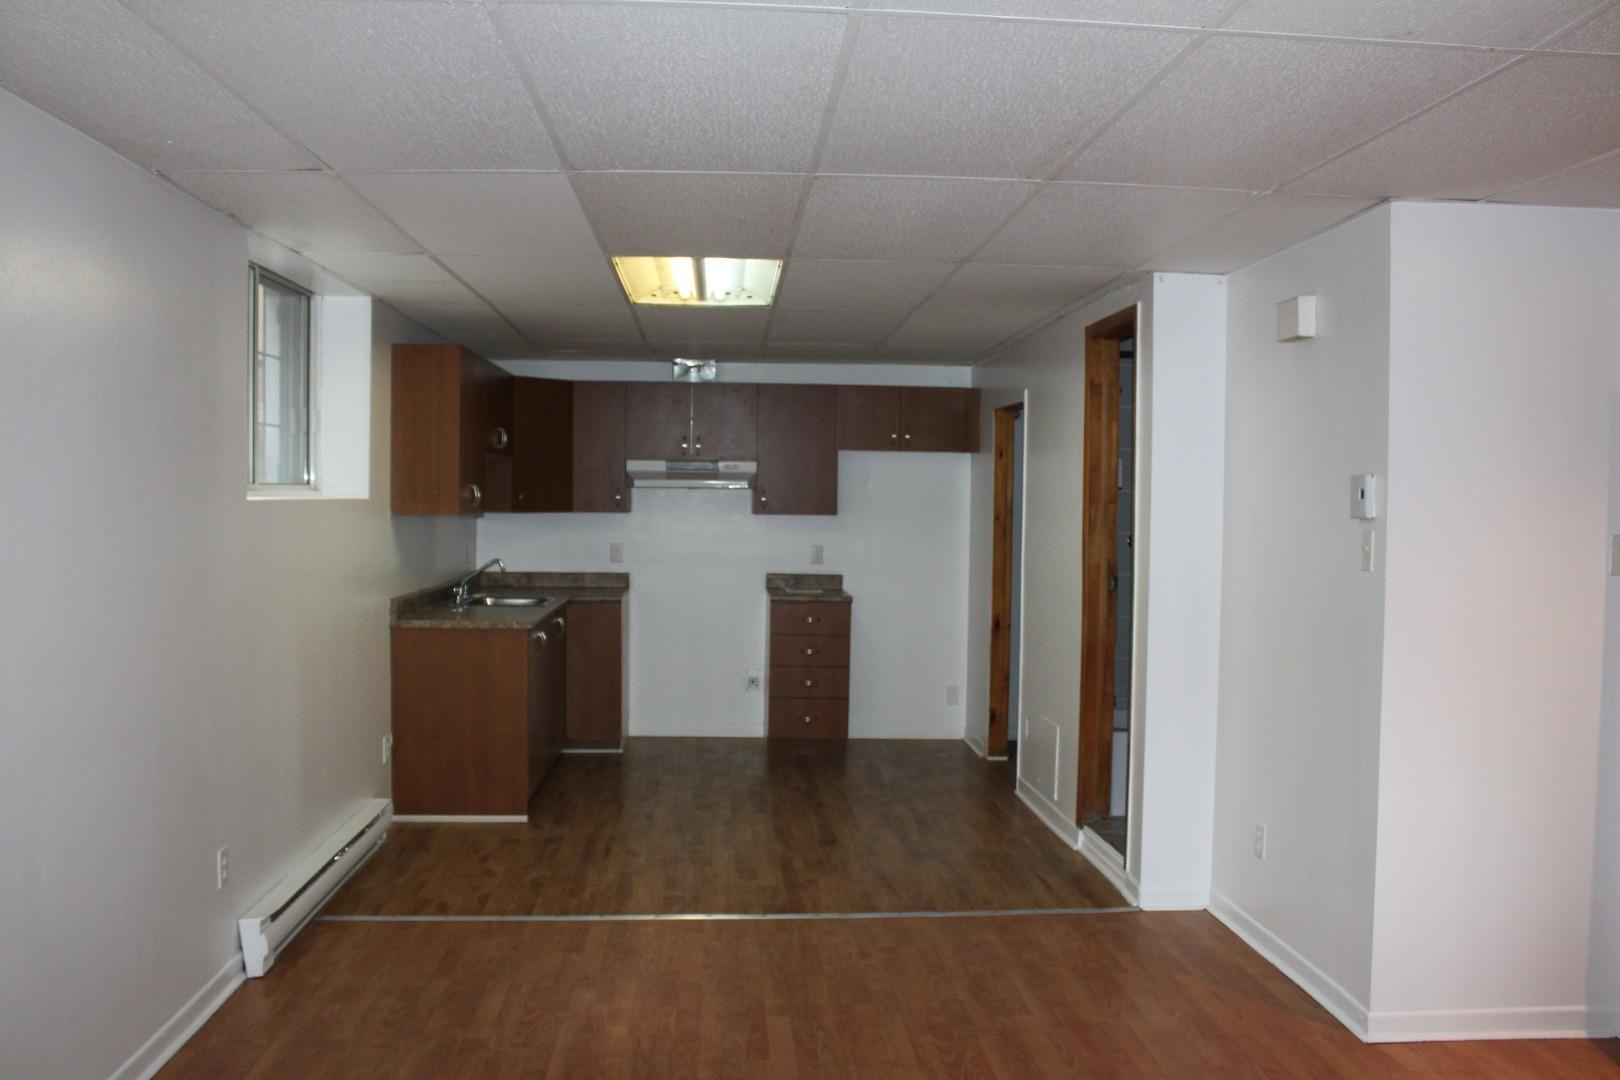 image 4 - Apartment - For rent - Montréal  (Tétreauville) - 2 rooms